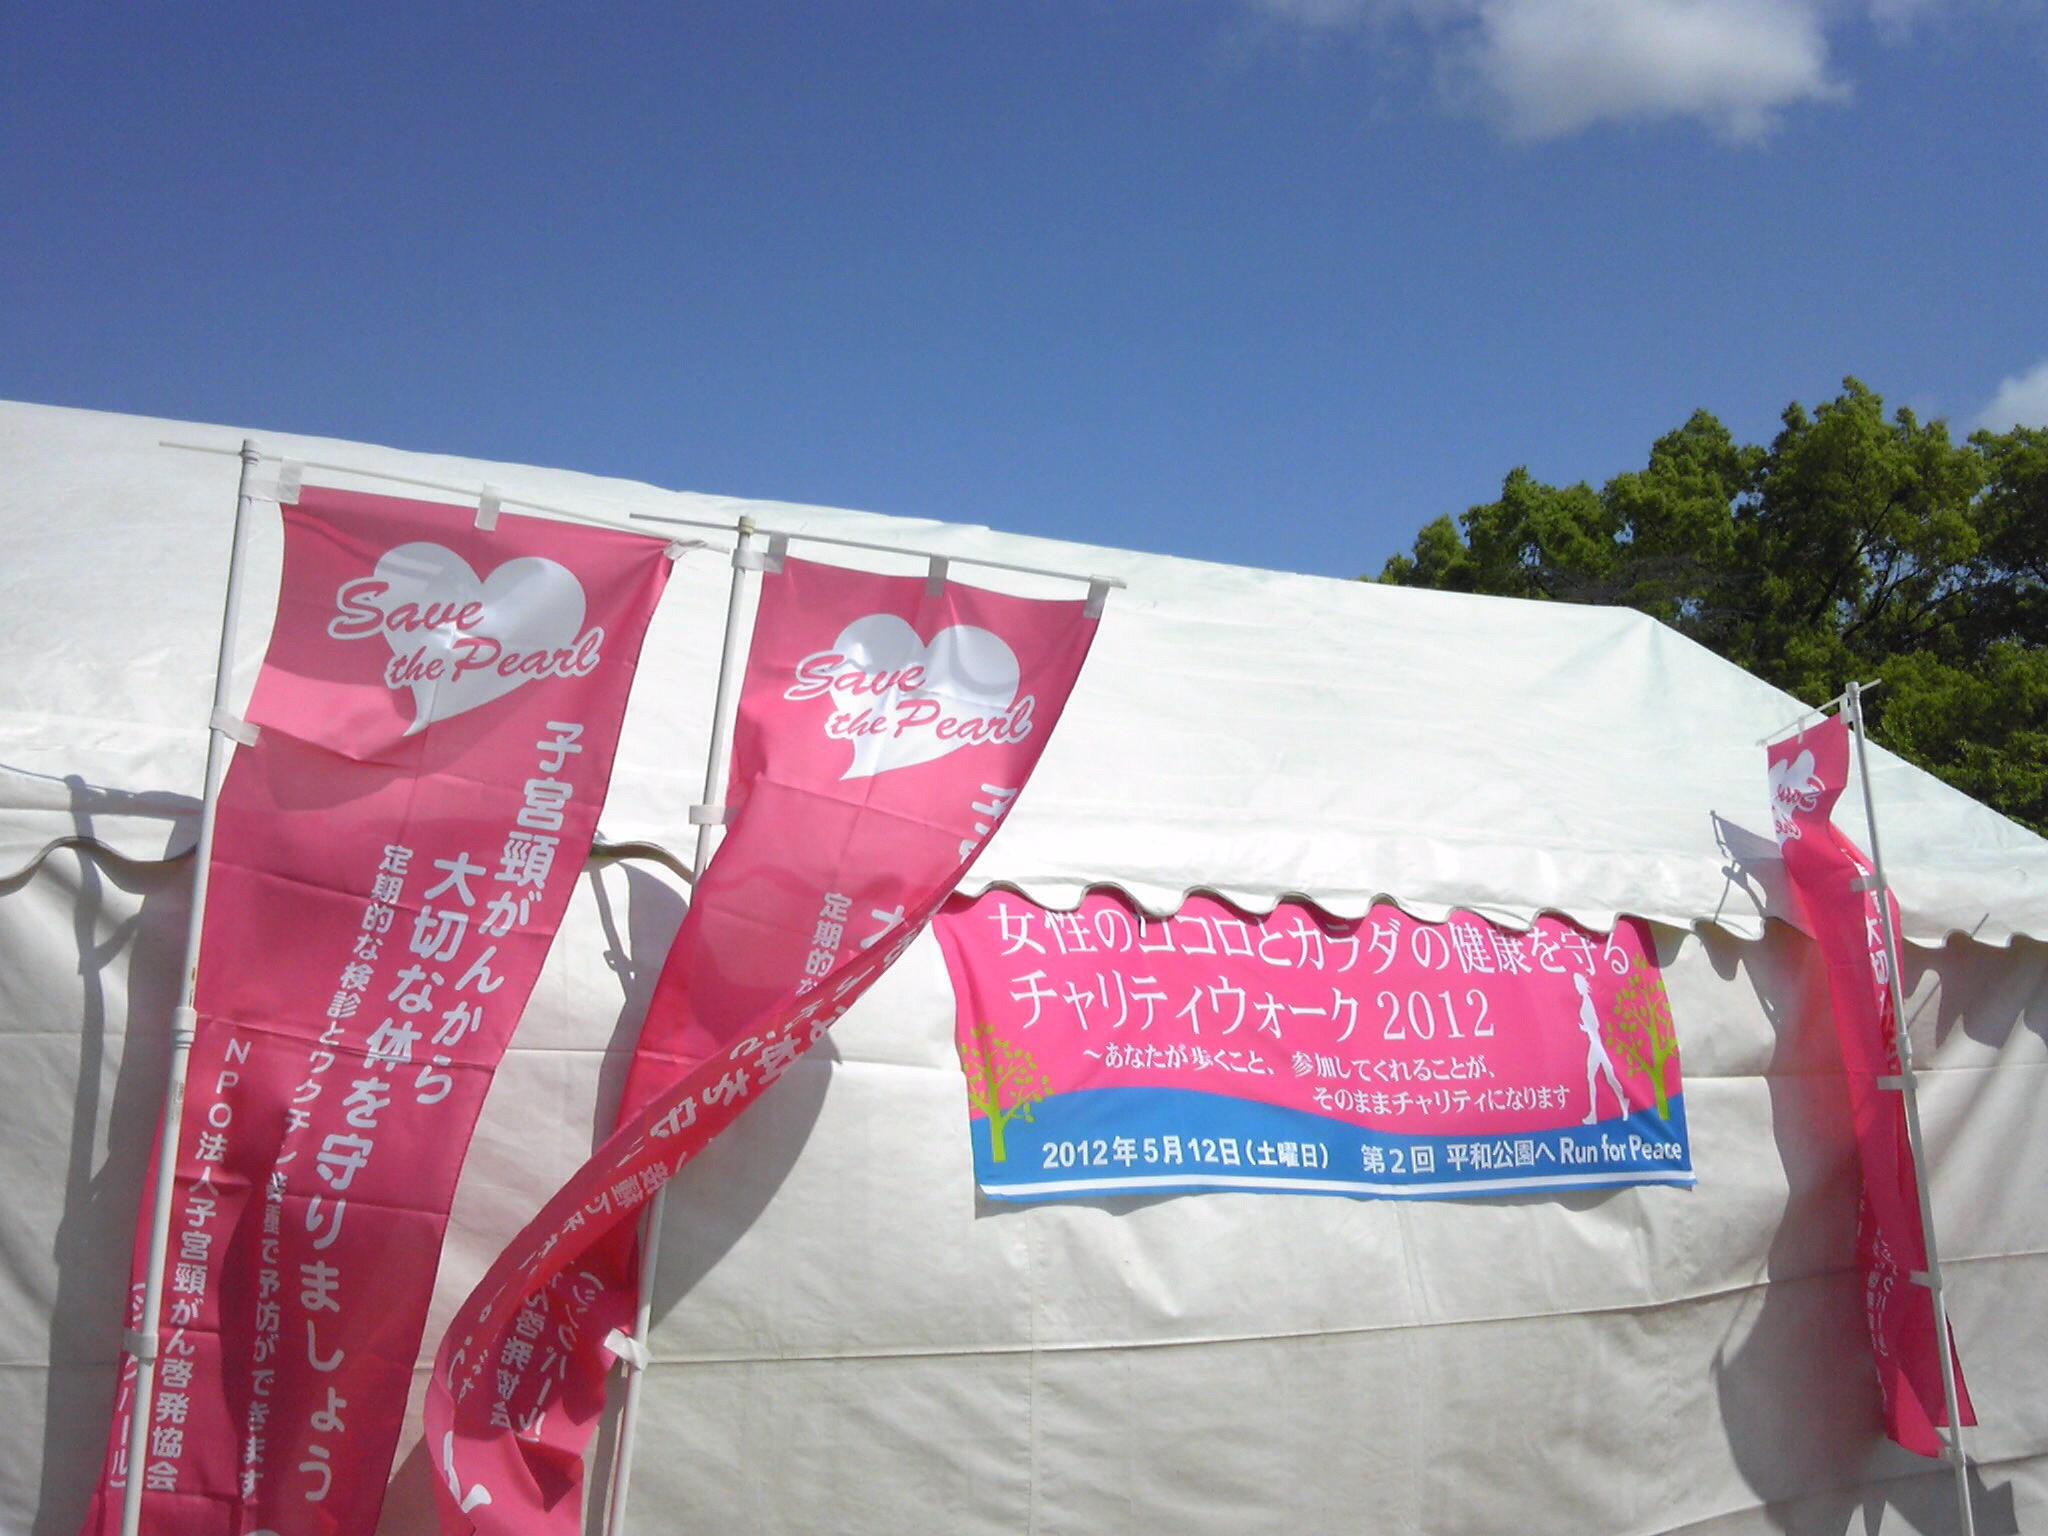 今日は『女性のココロとカラダの健康を守るチャリティウォーク』、平和公園晴れ渡ってます〜♪応援に来て下さい〜!^^_e0142585_9344092.jpg